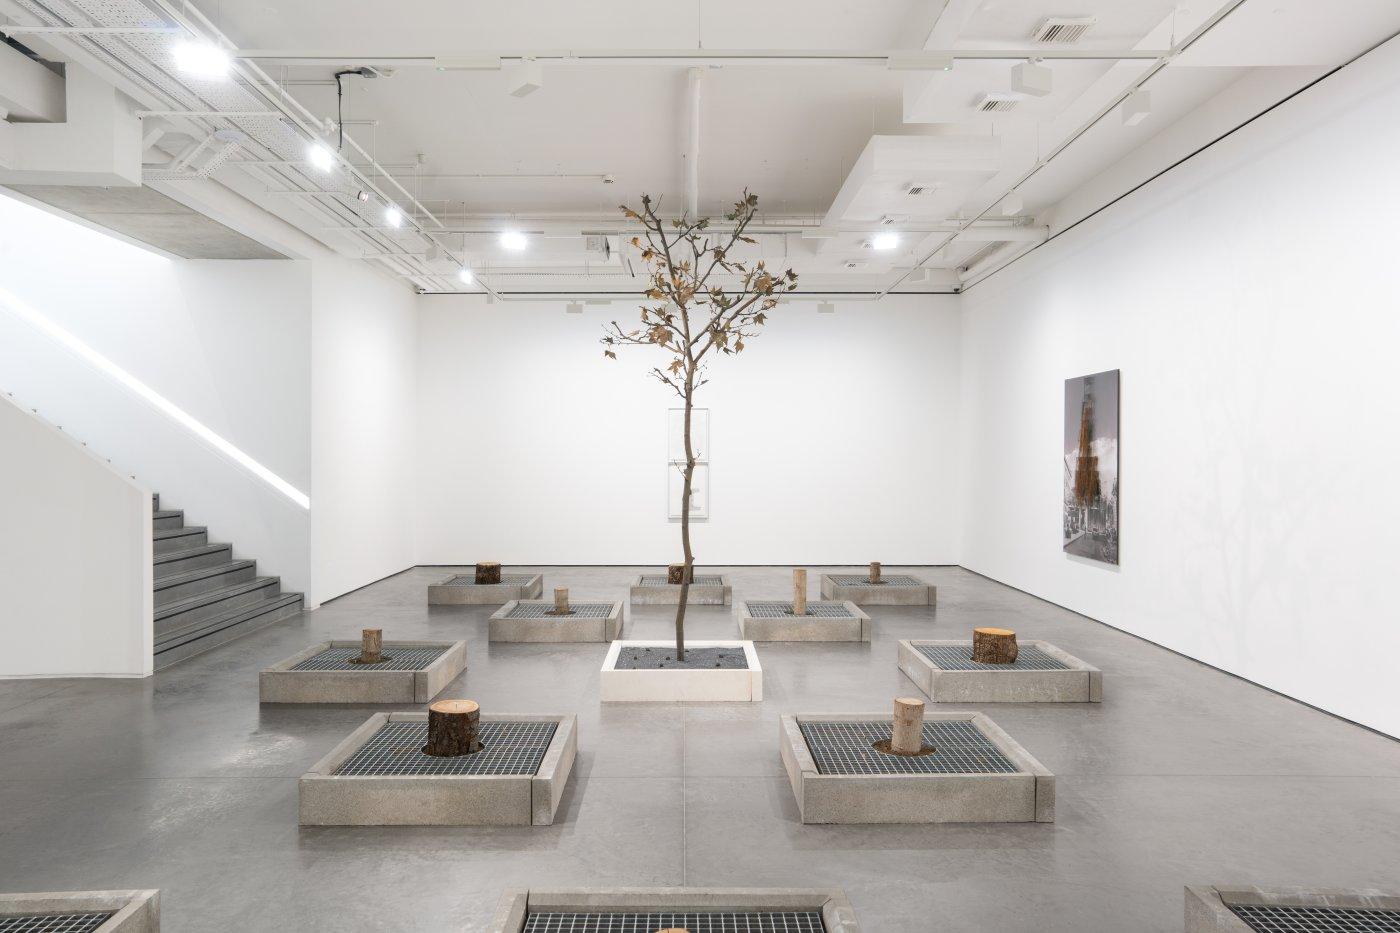 Goodman Gallery Carlos Garaicoa 2